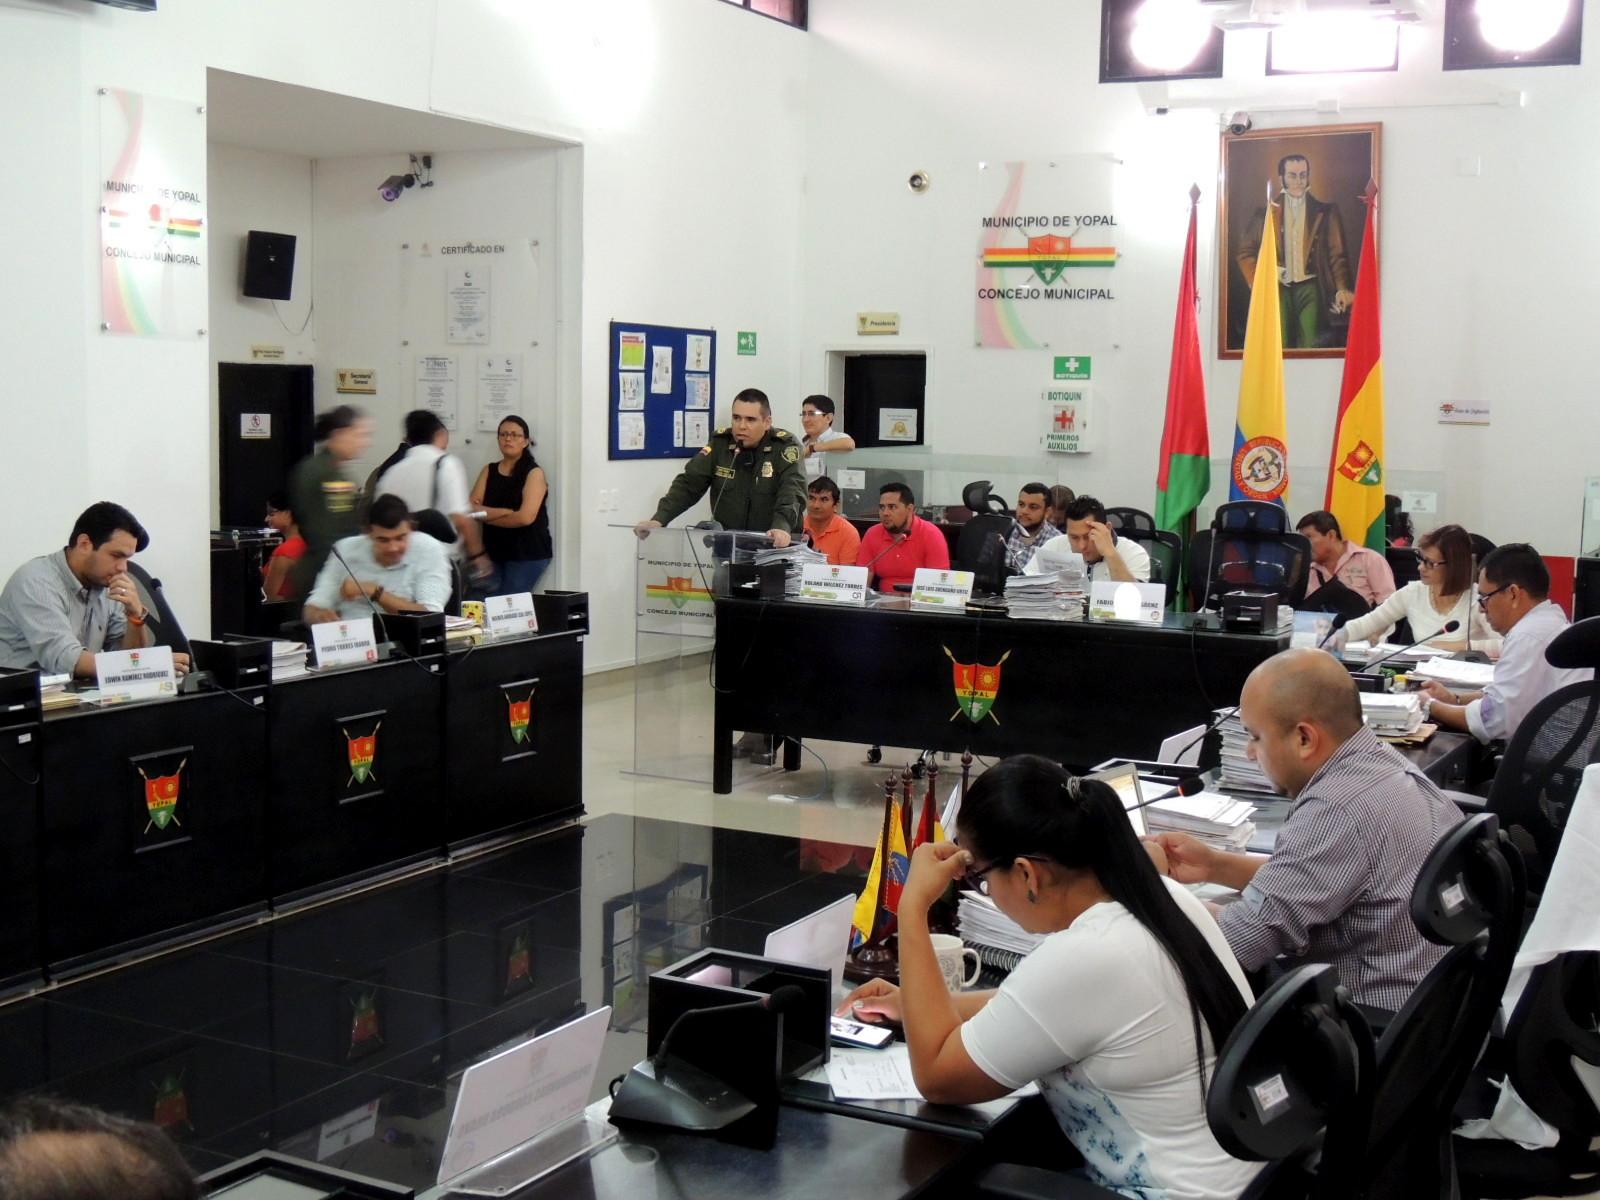 Photo of Policía Nacional entrega informe de las acciones realizadas en temas de seguridad al concejo de Yopal